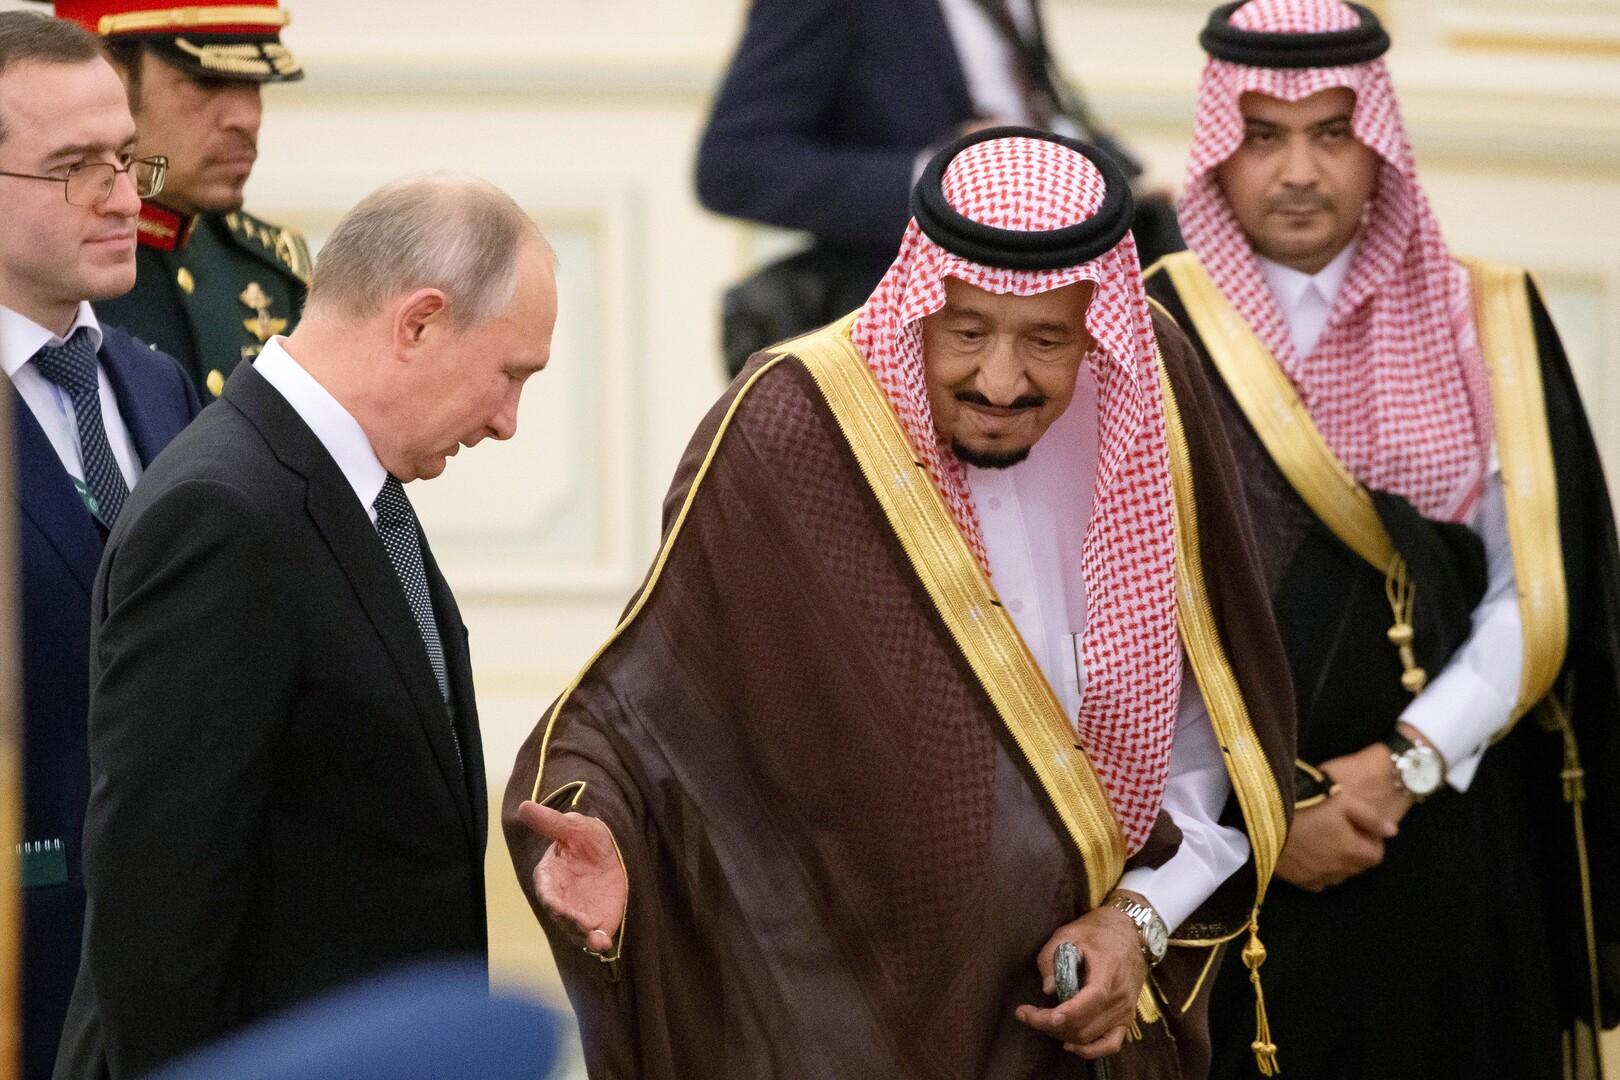 الملك سلمان يؤكد دعمه للتعاون مع الصندوق الروسي للاستثمارات المباشرة